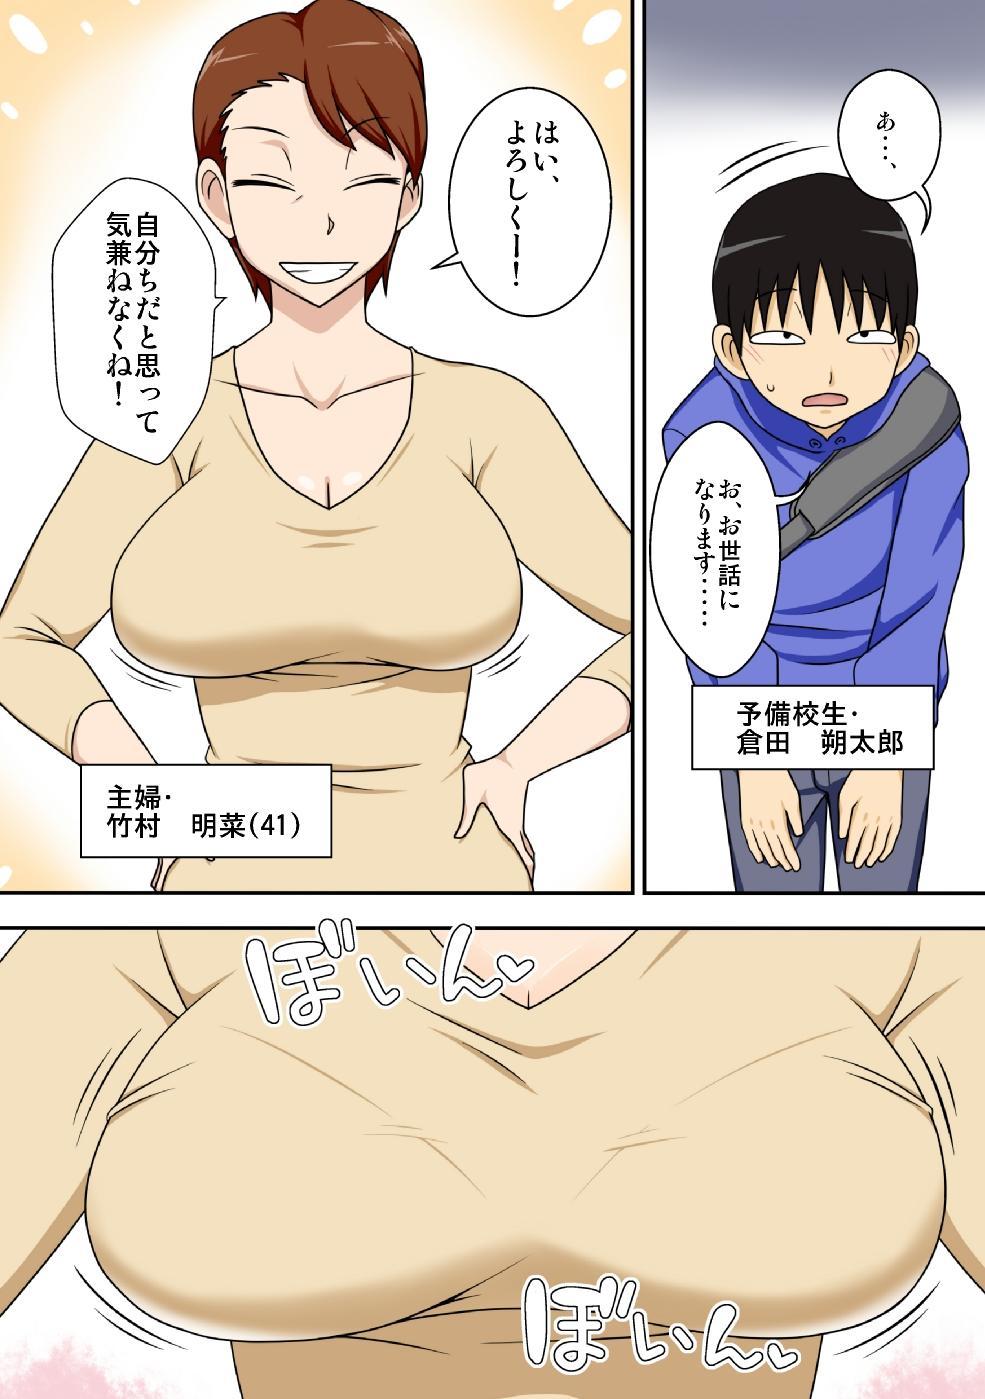 InCha no Oi ga Yaritai Oba-san. 2